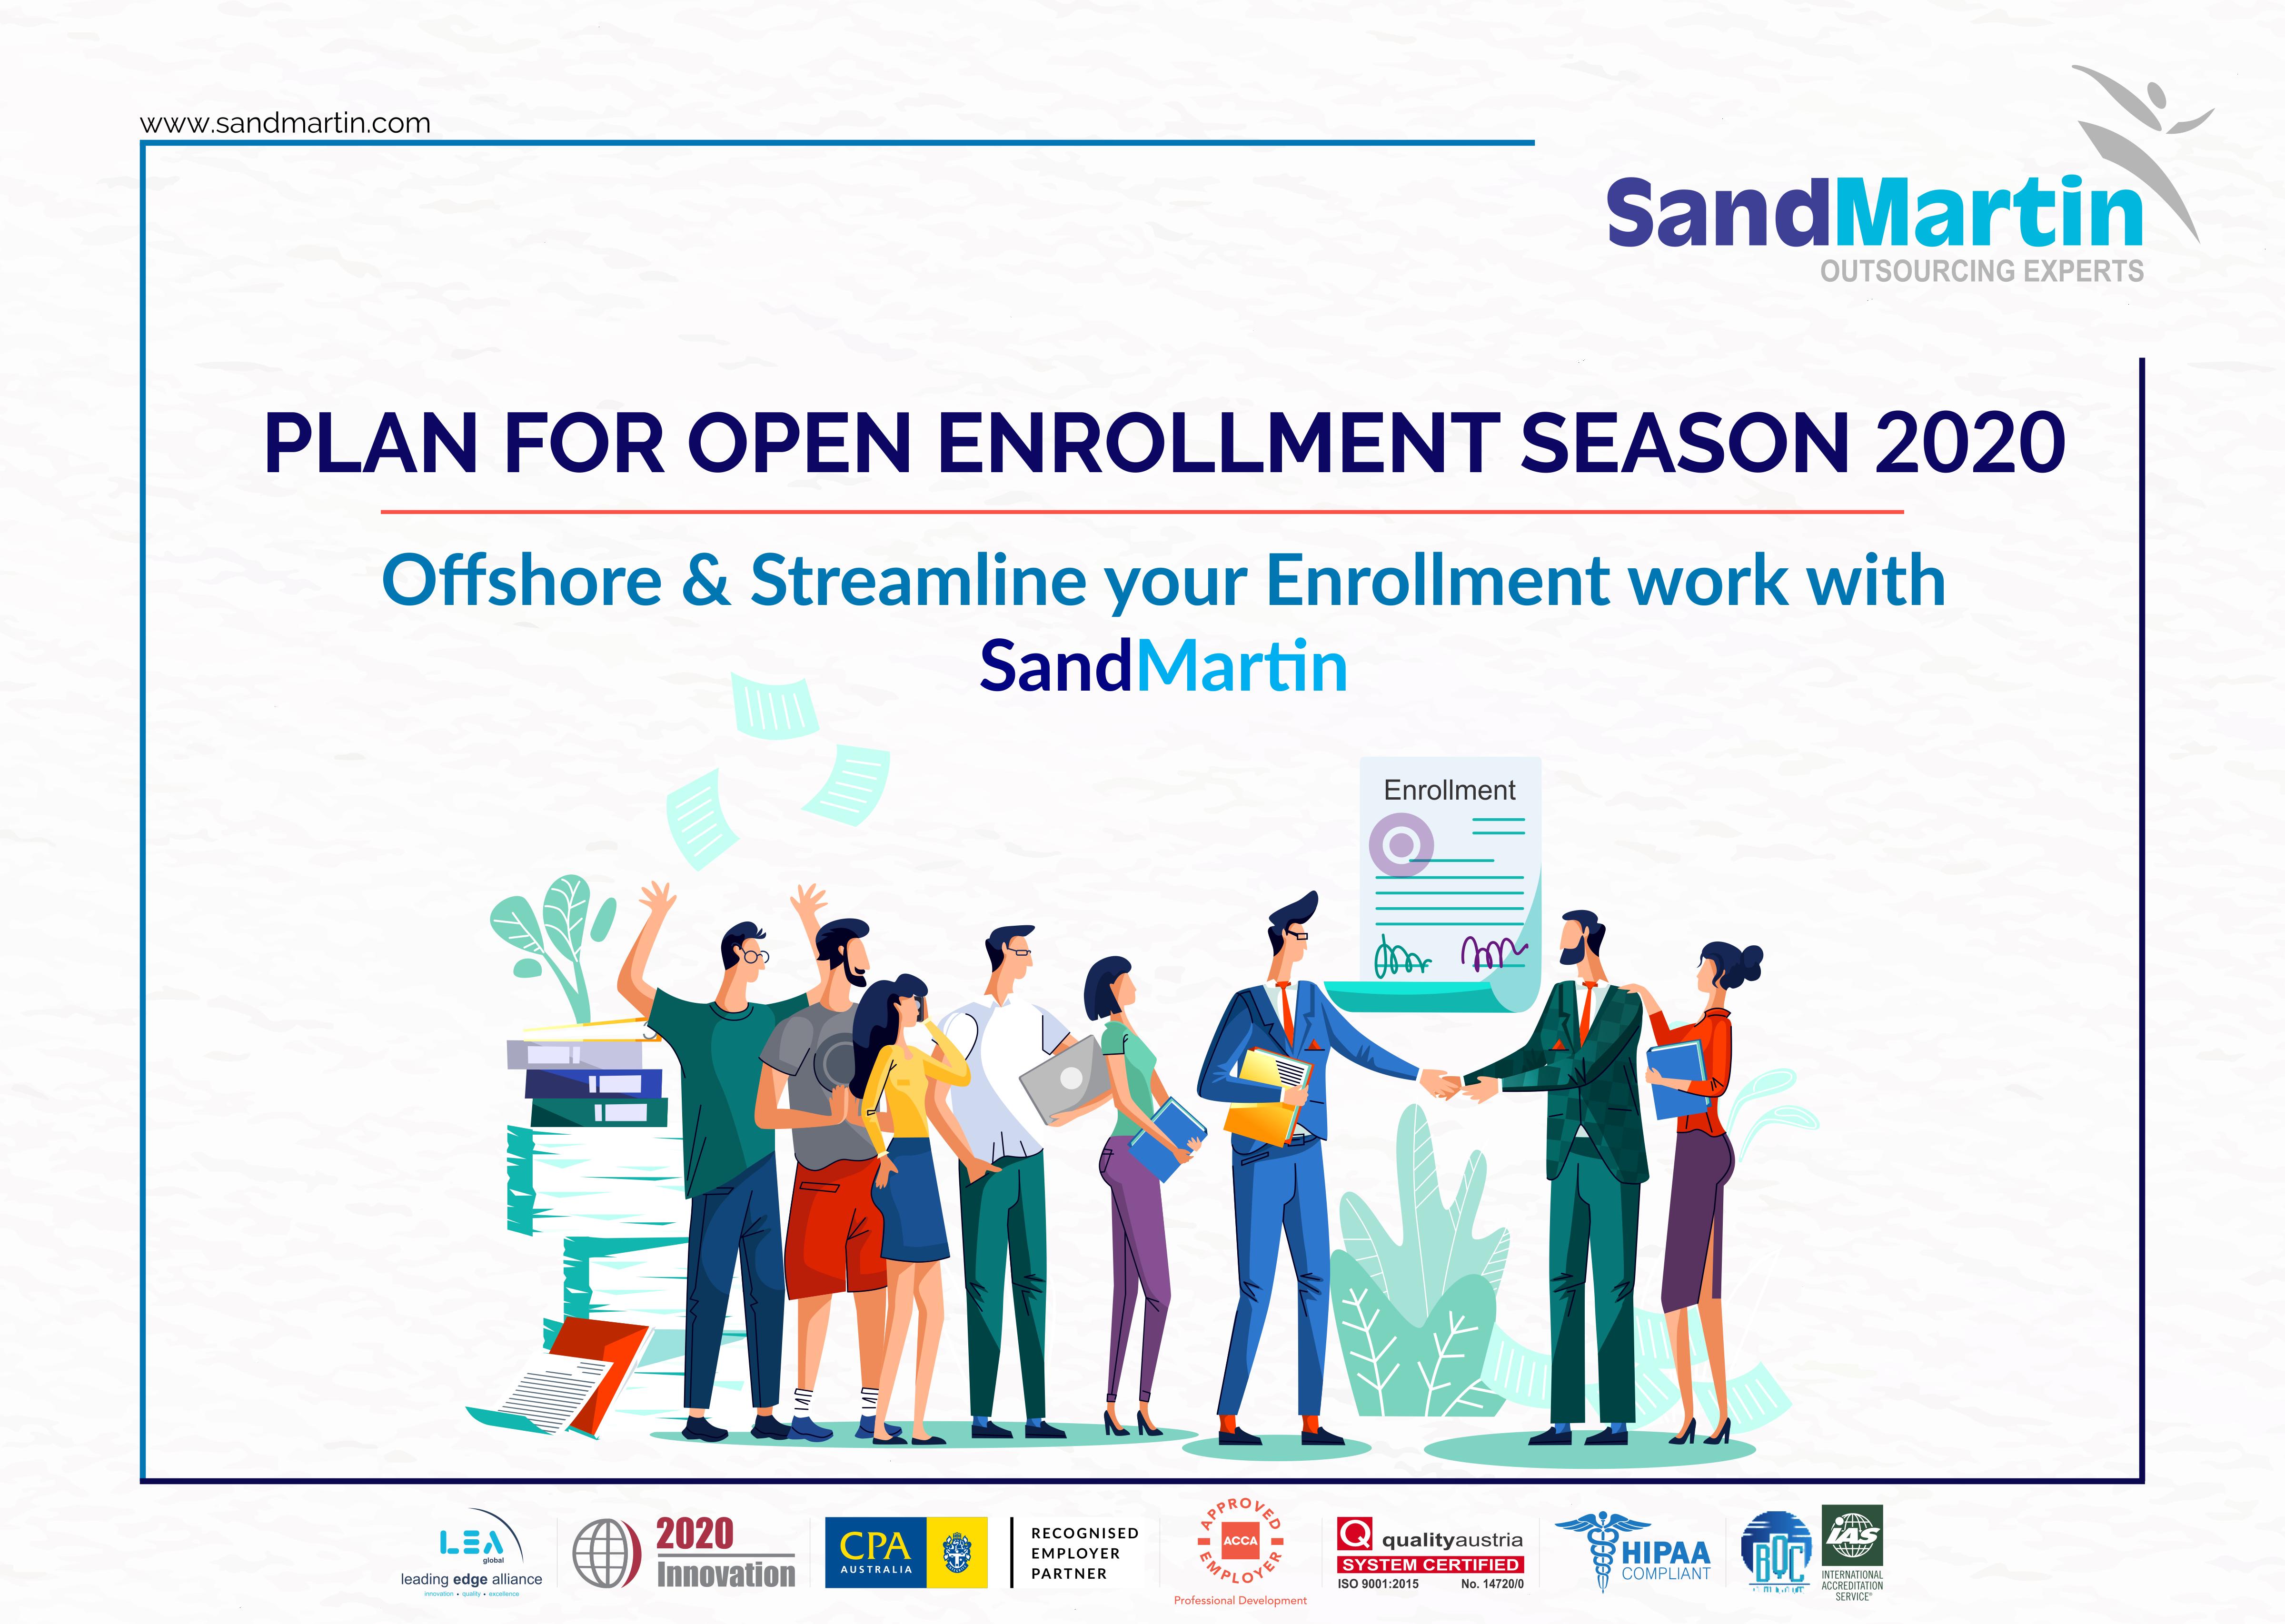 Plan for Open Enrollment Season 2020 Offshore & Streamline your Enrollment work with SandMartin